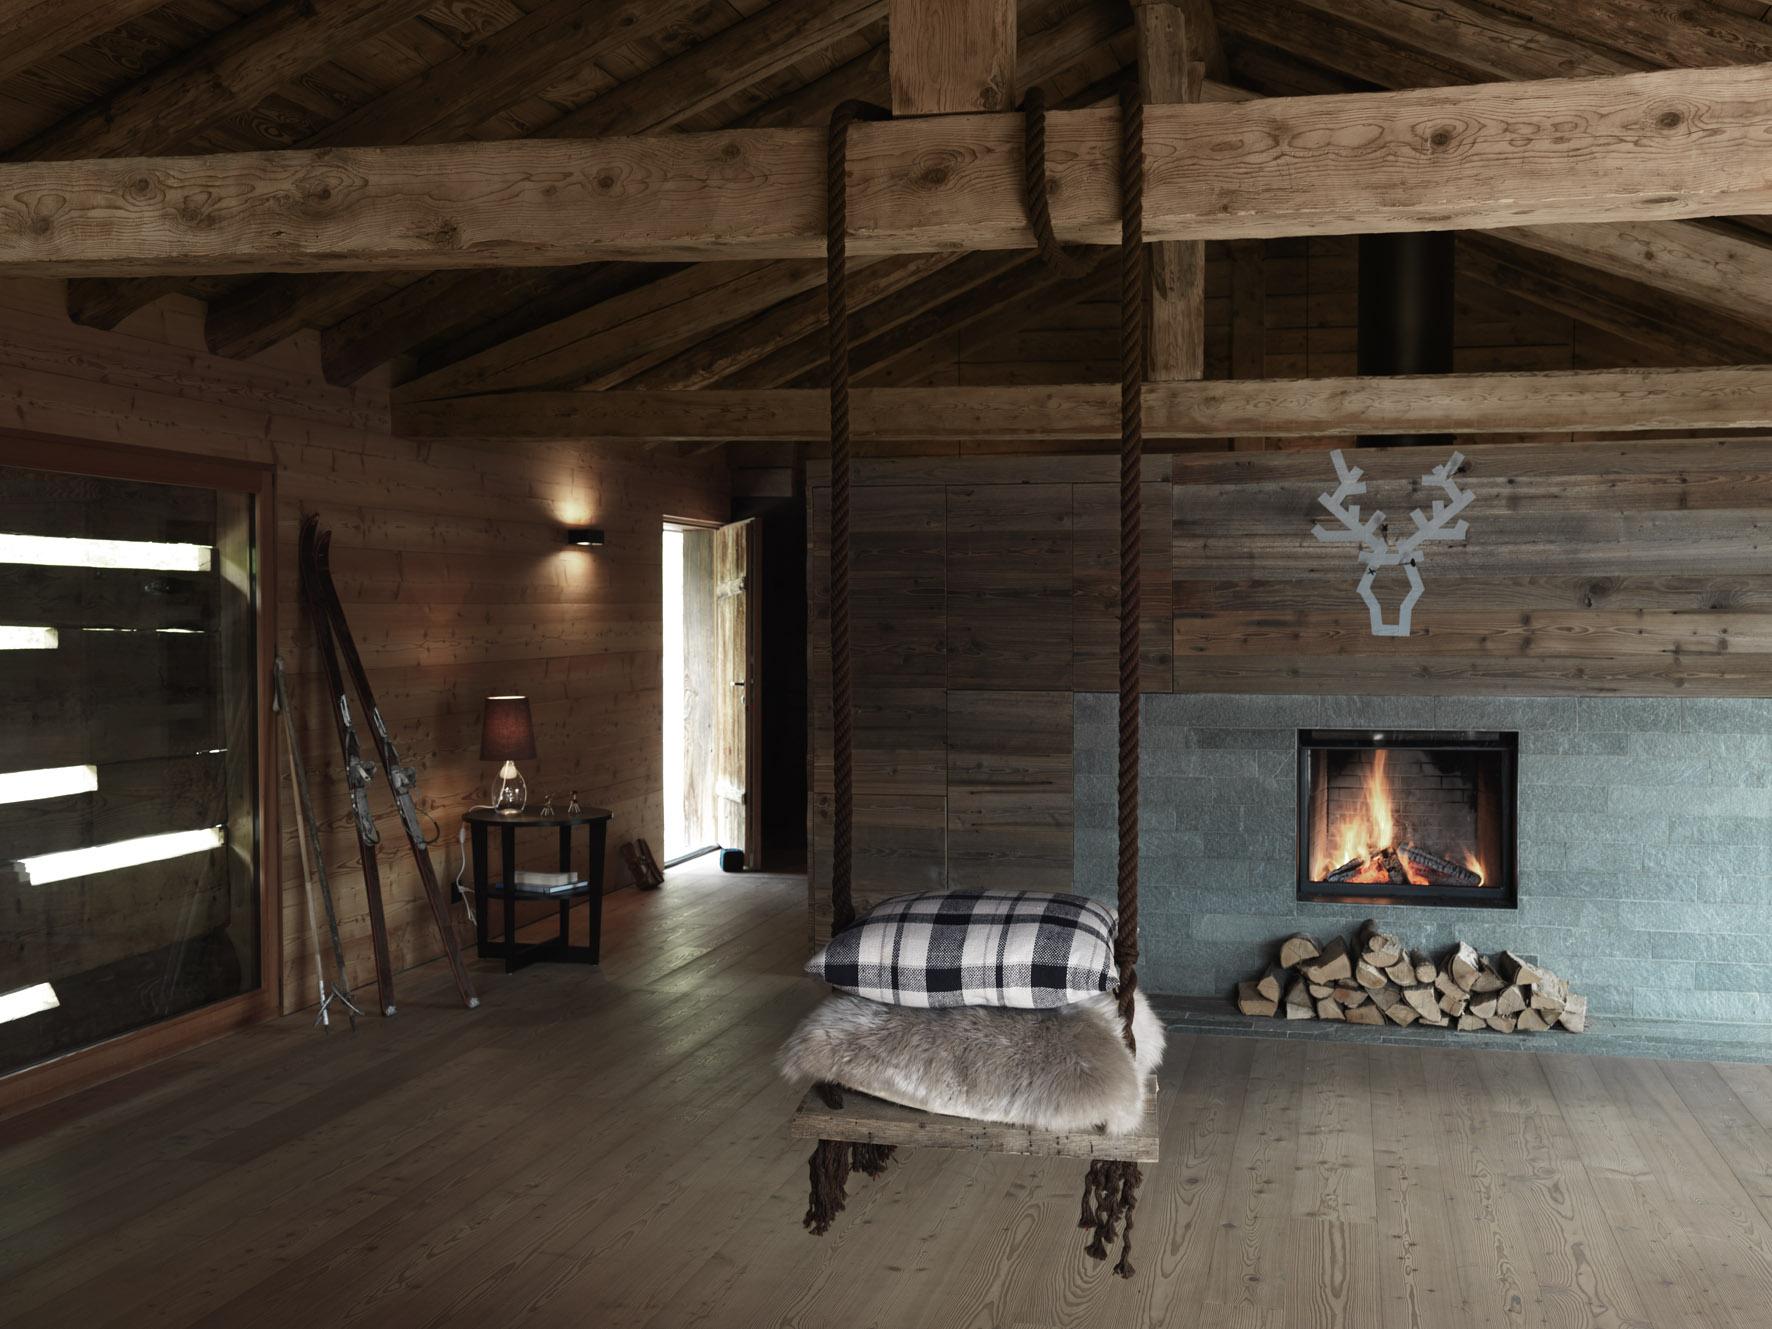 Winter bij ikea rendieren kussens plaids - Houten chalet interieur ...